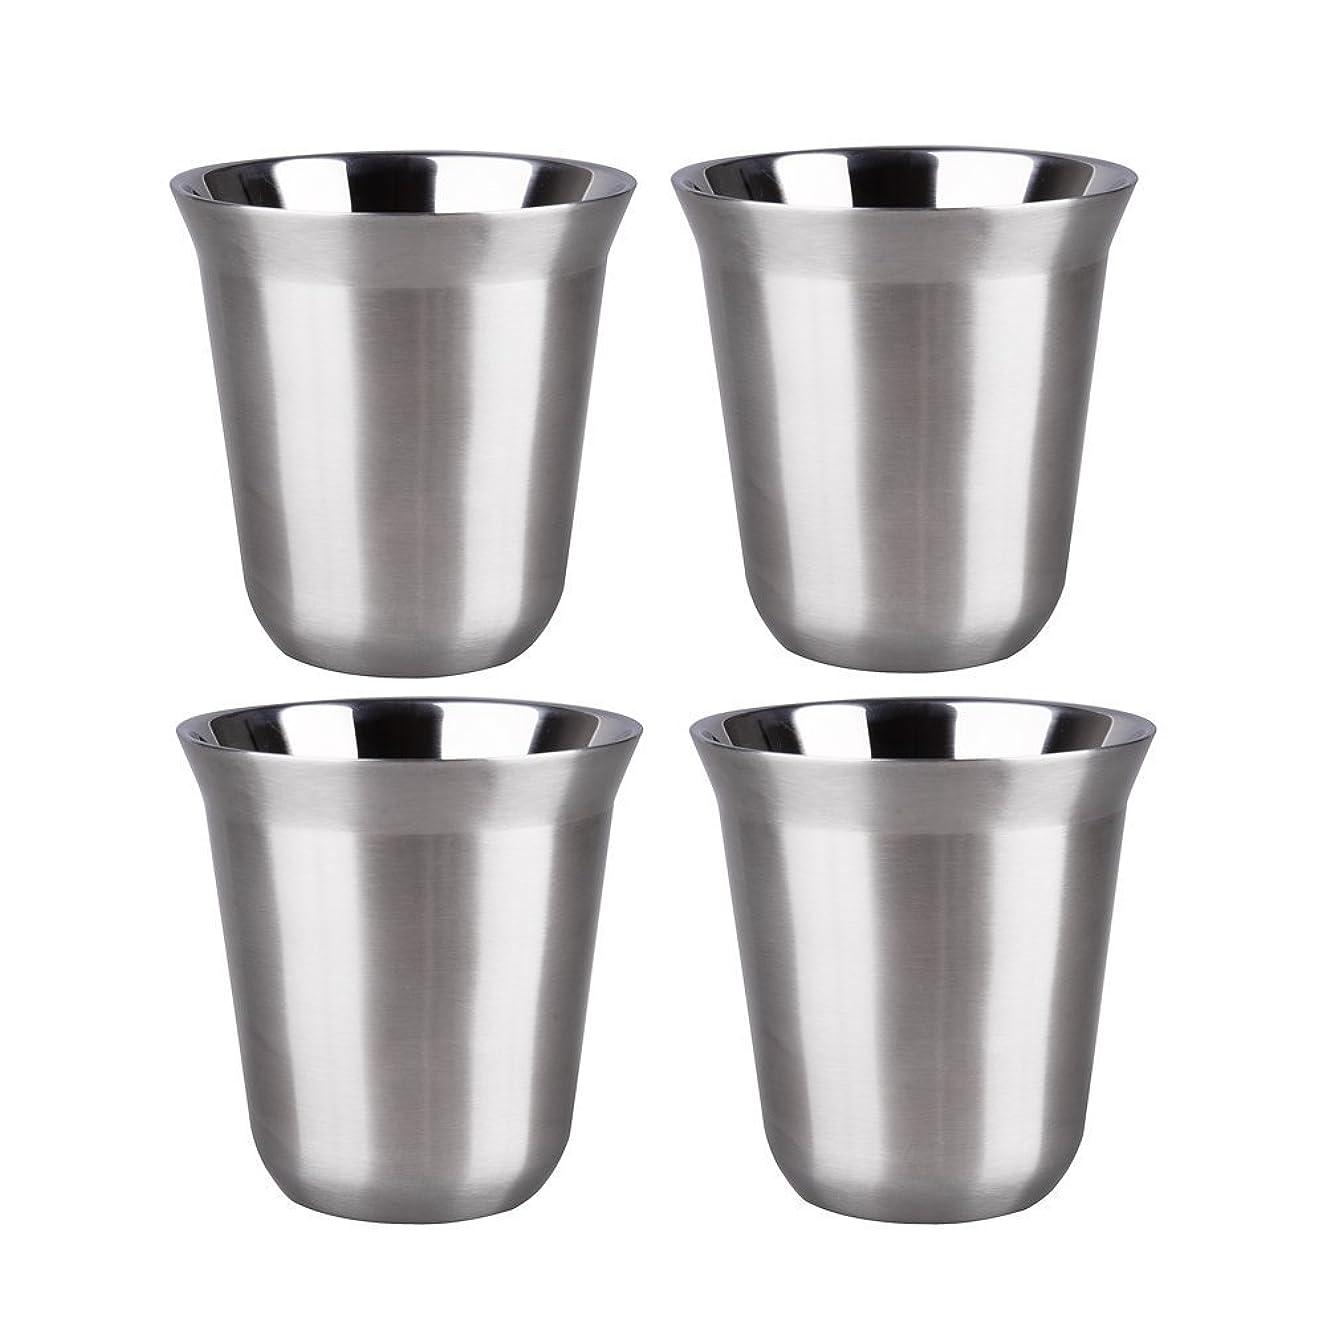 埋めるしてはいけません従順なIMEEA グラス コップ SUS304ステンレス 170ml お酒グラス 日本酒グラス シルバー コップセット 4個1組